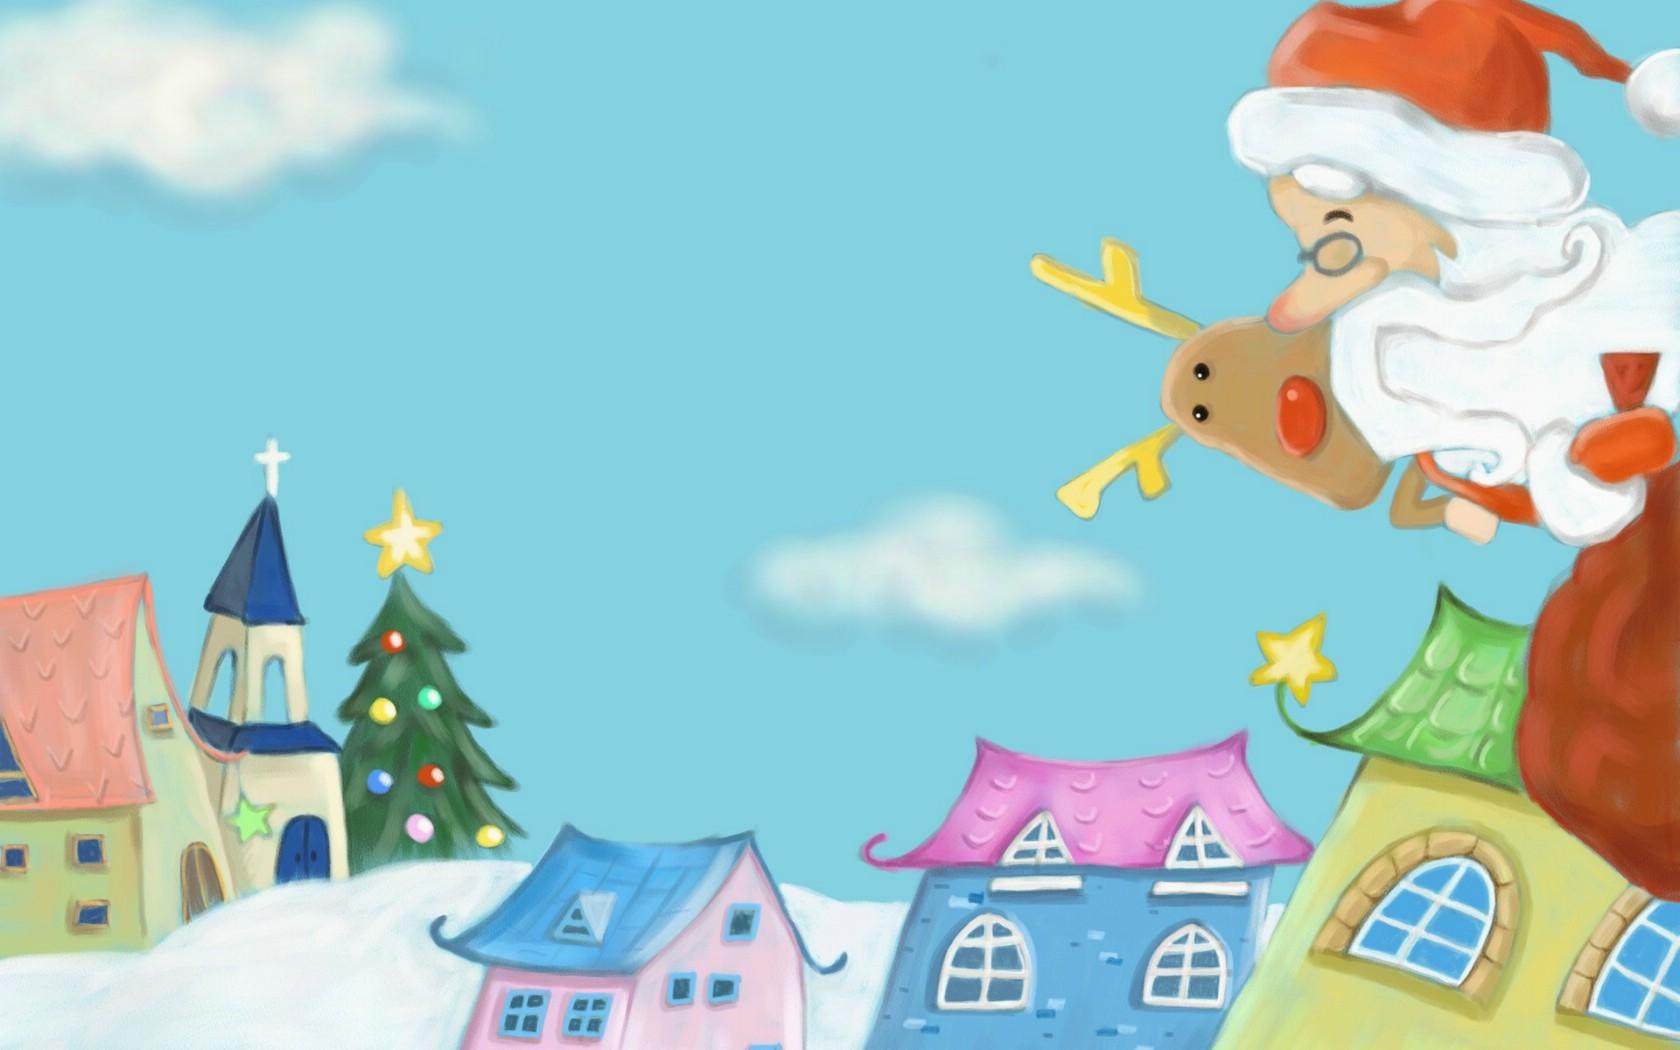 壁纸1680×1050可爱温馨圣诞插画宽屏壁纸 壁纸9壁纸 可爱温馨圣诞插画宽屏壁纸图片系统壁纸系统图片素材桌面壁纸